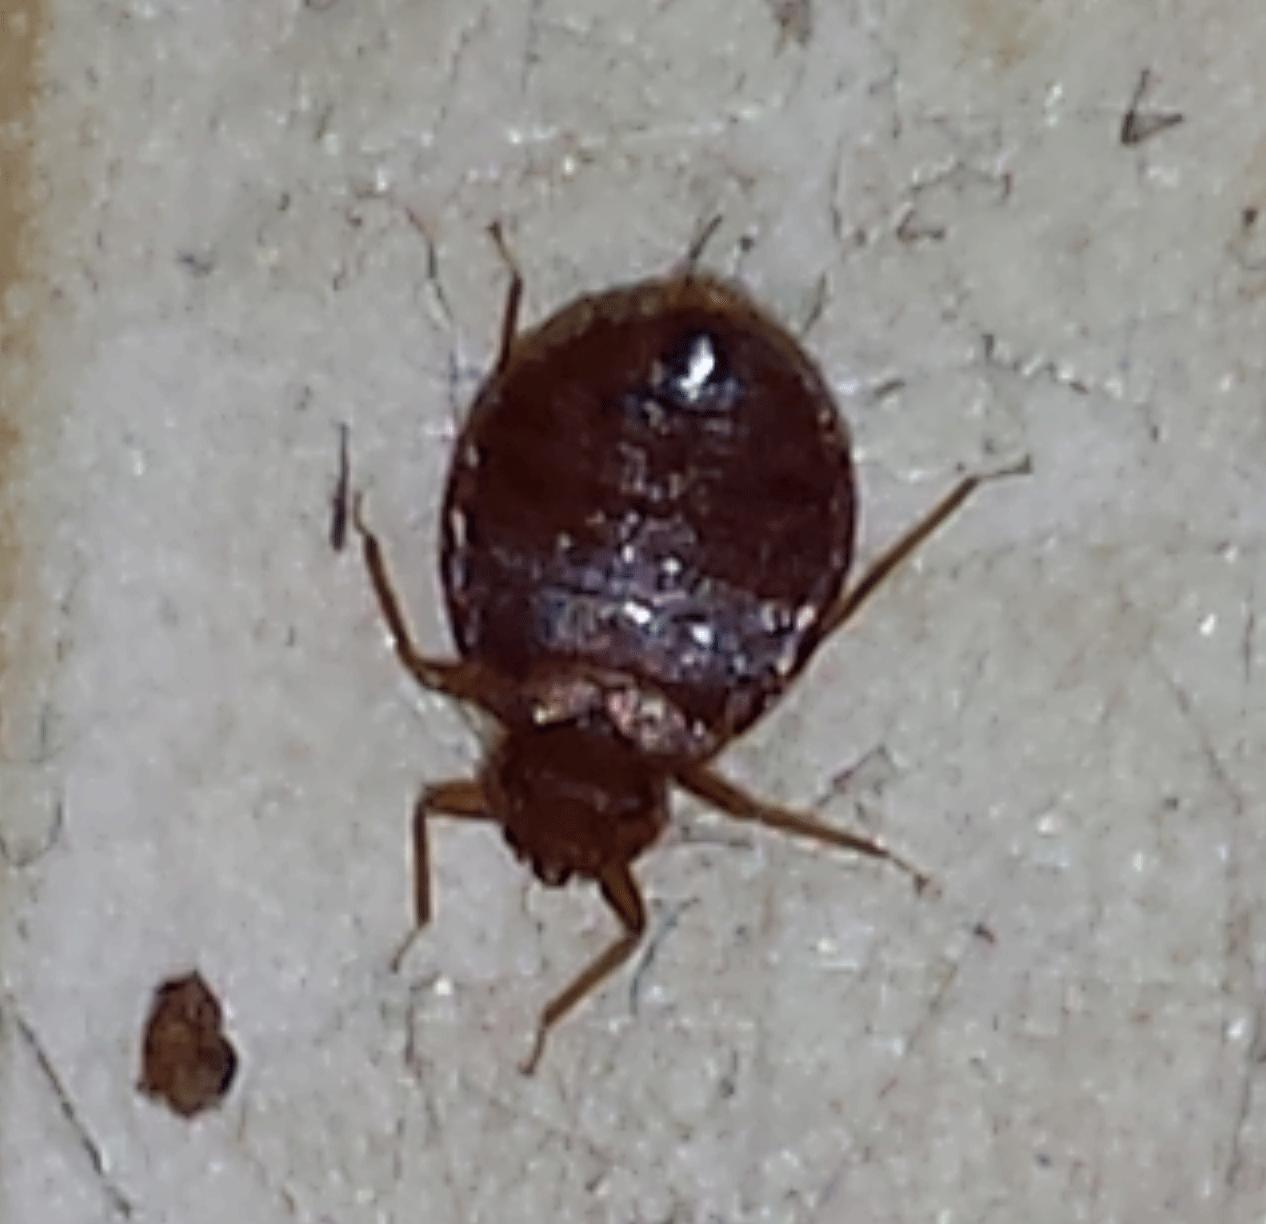 found bug on kitchen floor worried please id got bed bugs bedbugger forums. Black Bedroom Furniture Sets. Home Design Ideas